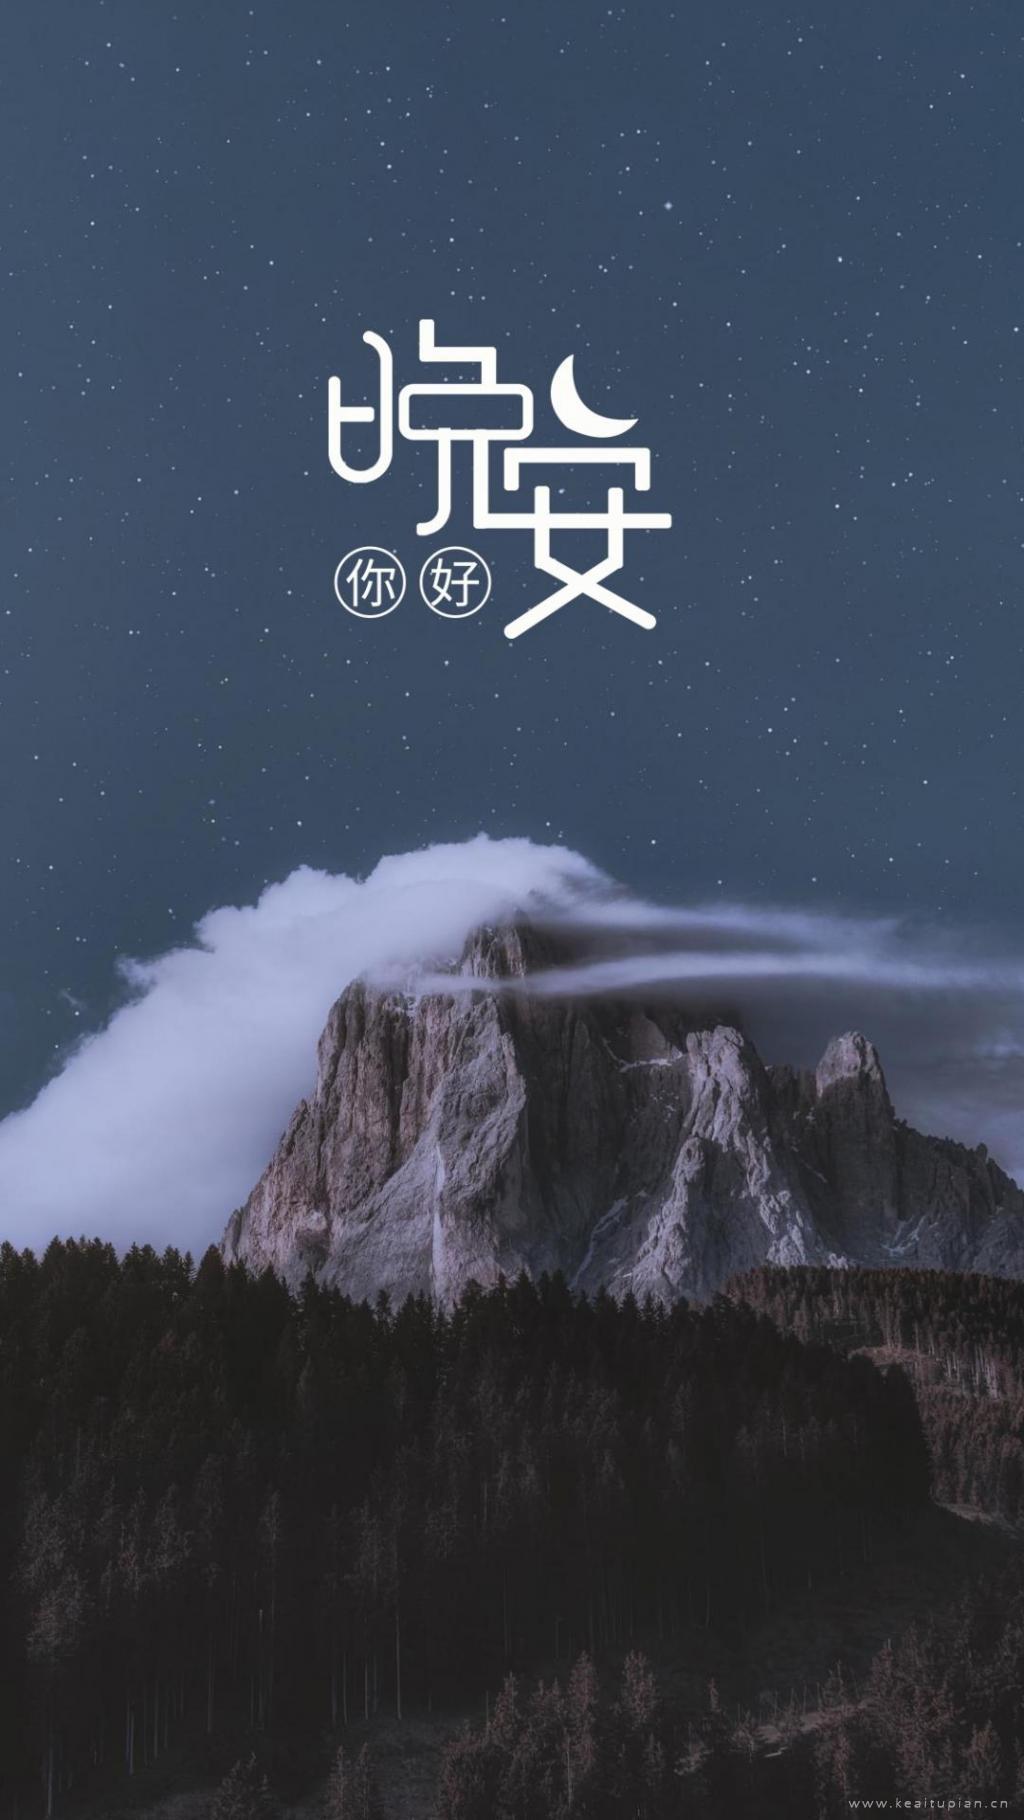 晚安,山峰森林!迷人的野外夜晚星空图片